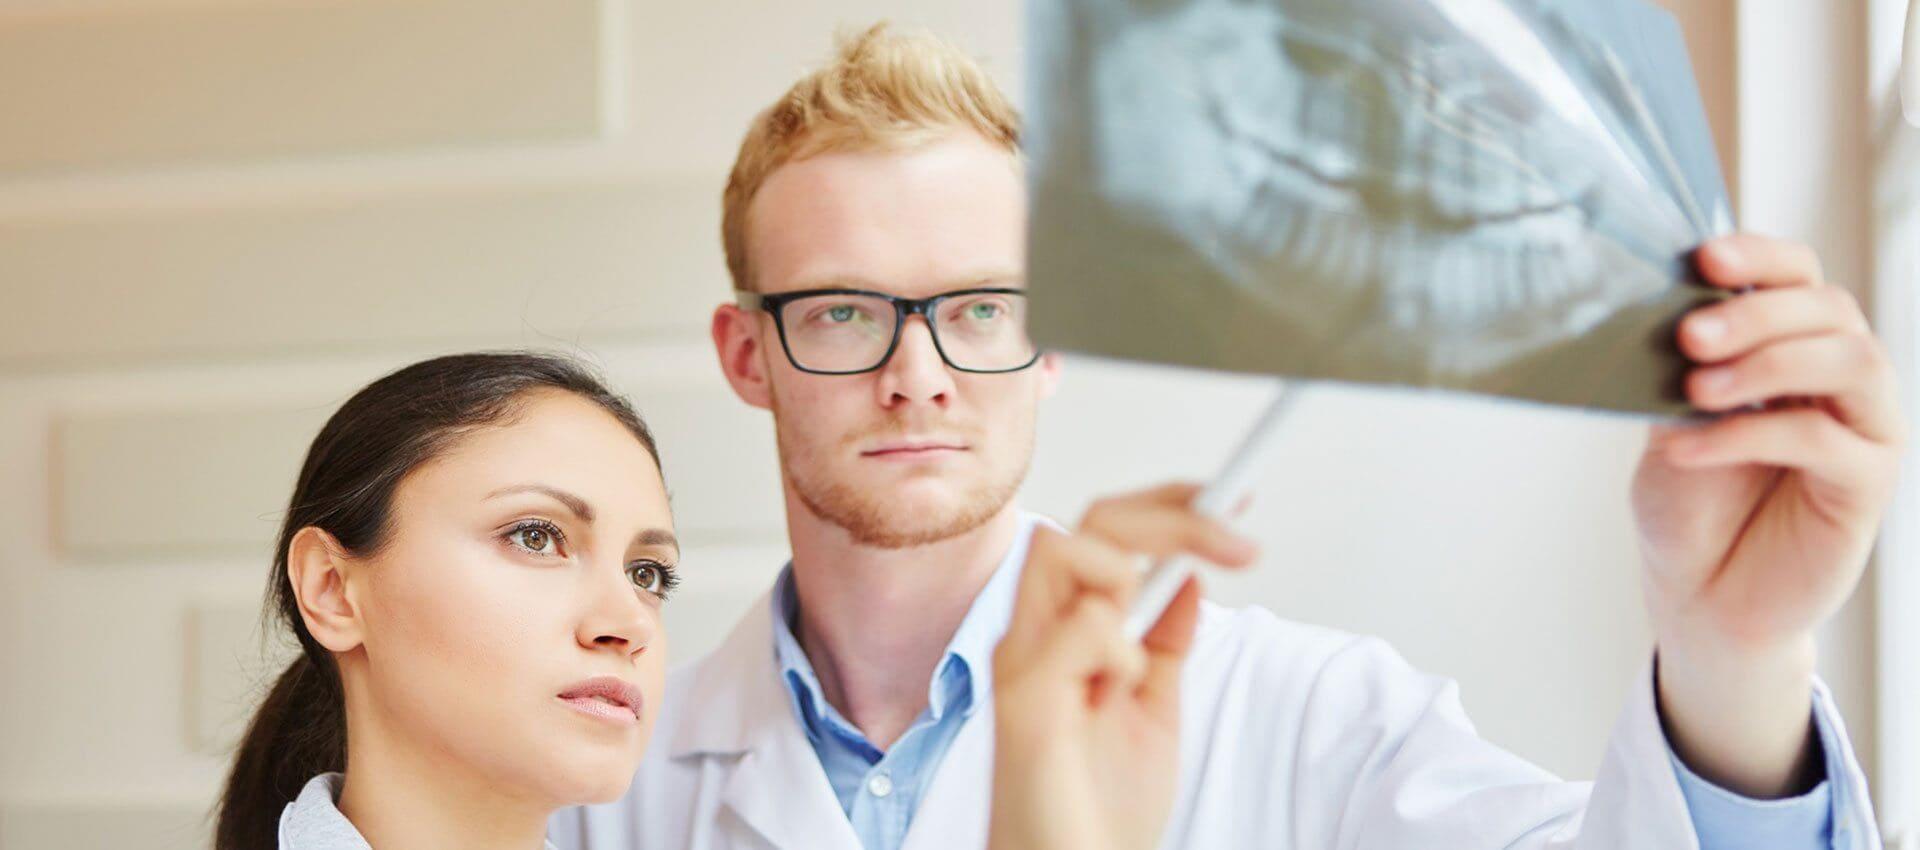 lekarze sprawdzający rentgen szczęki